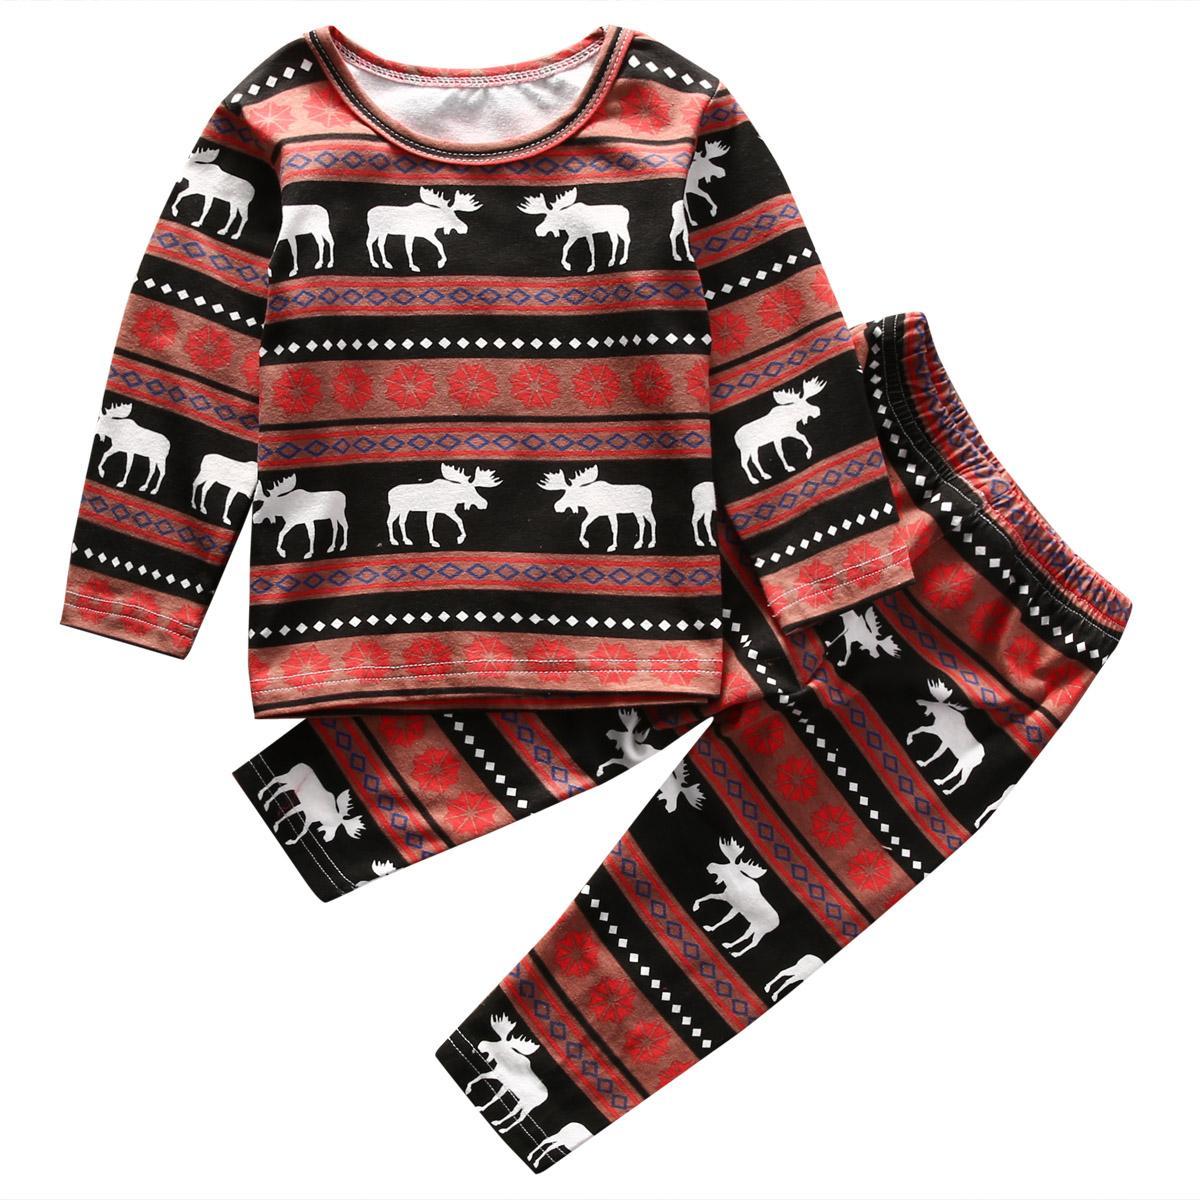 Noël enfant en bas âge du nouveau-né bébé Enfants Top à manches longues + Pantalons Tenues de nuit Taille 0-3T